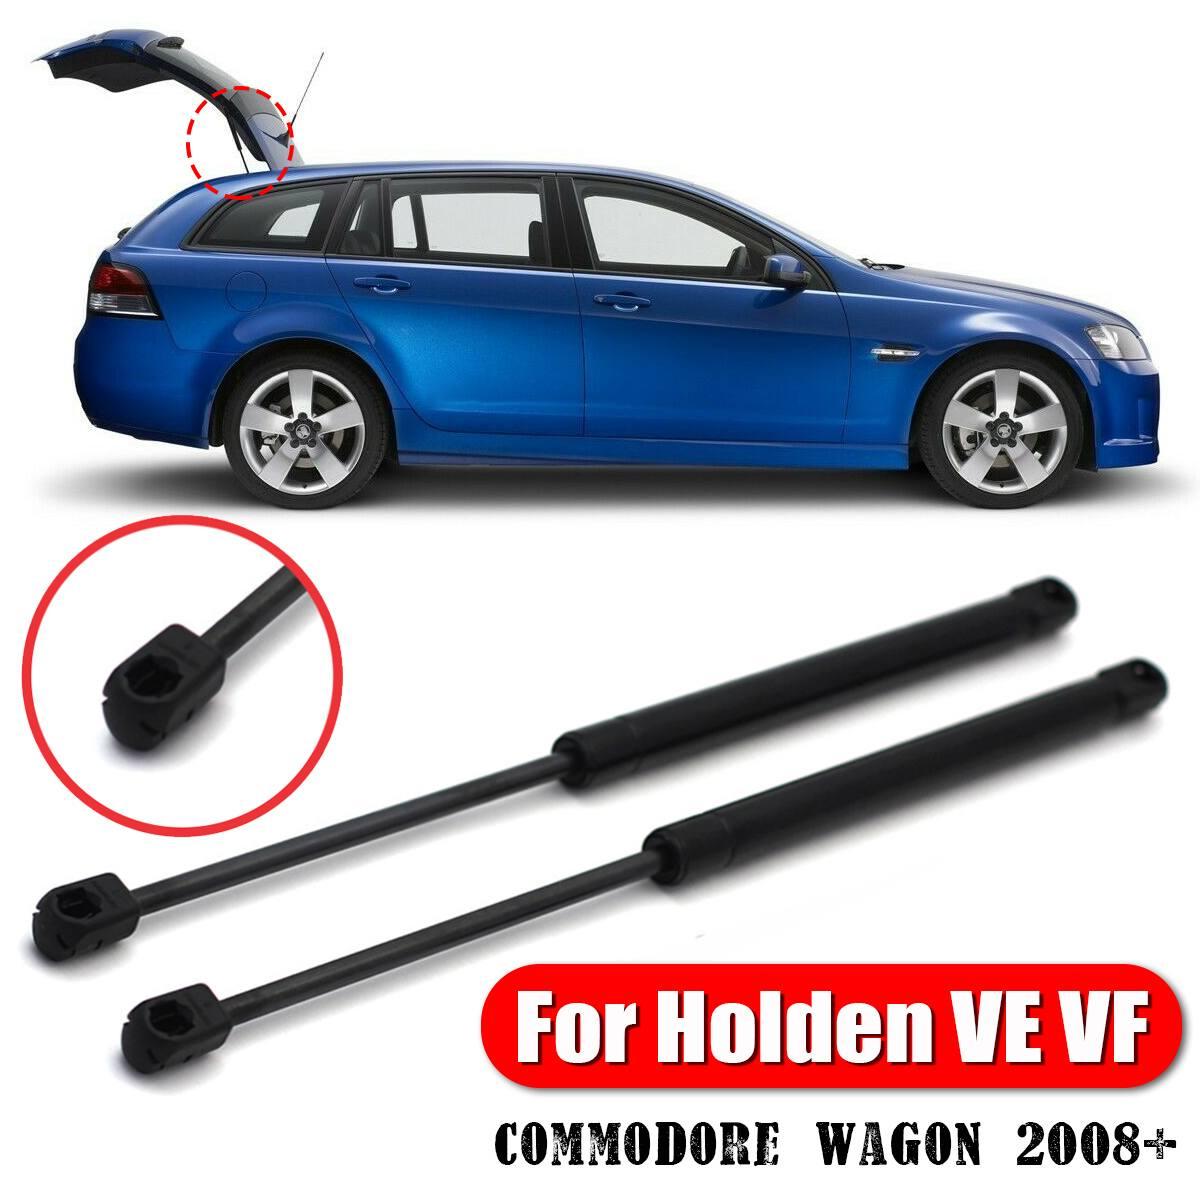 2 sztuk tylne klapy bagażnika samochodu podnośnik gazowy wsparcie rozpórki bar dla Holden VE VF Commodore kombi 2008 +